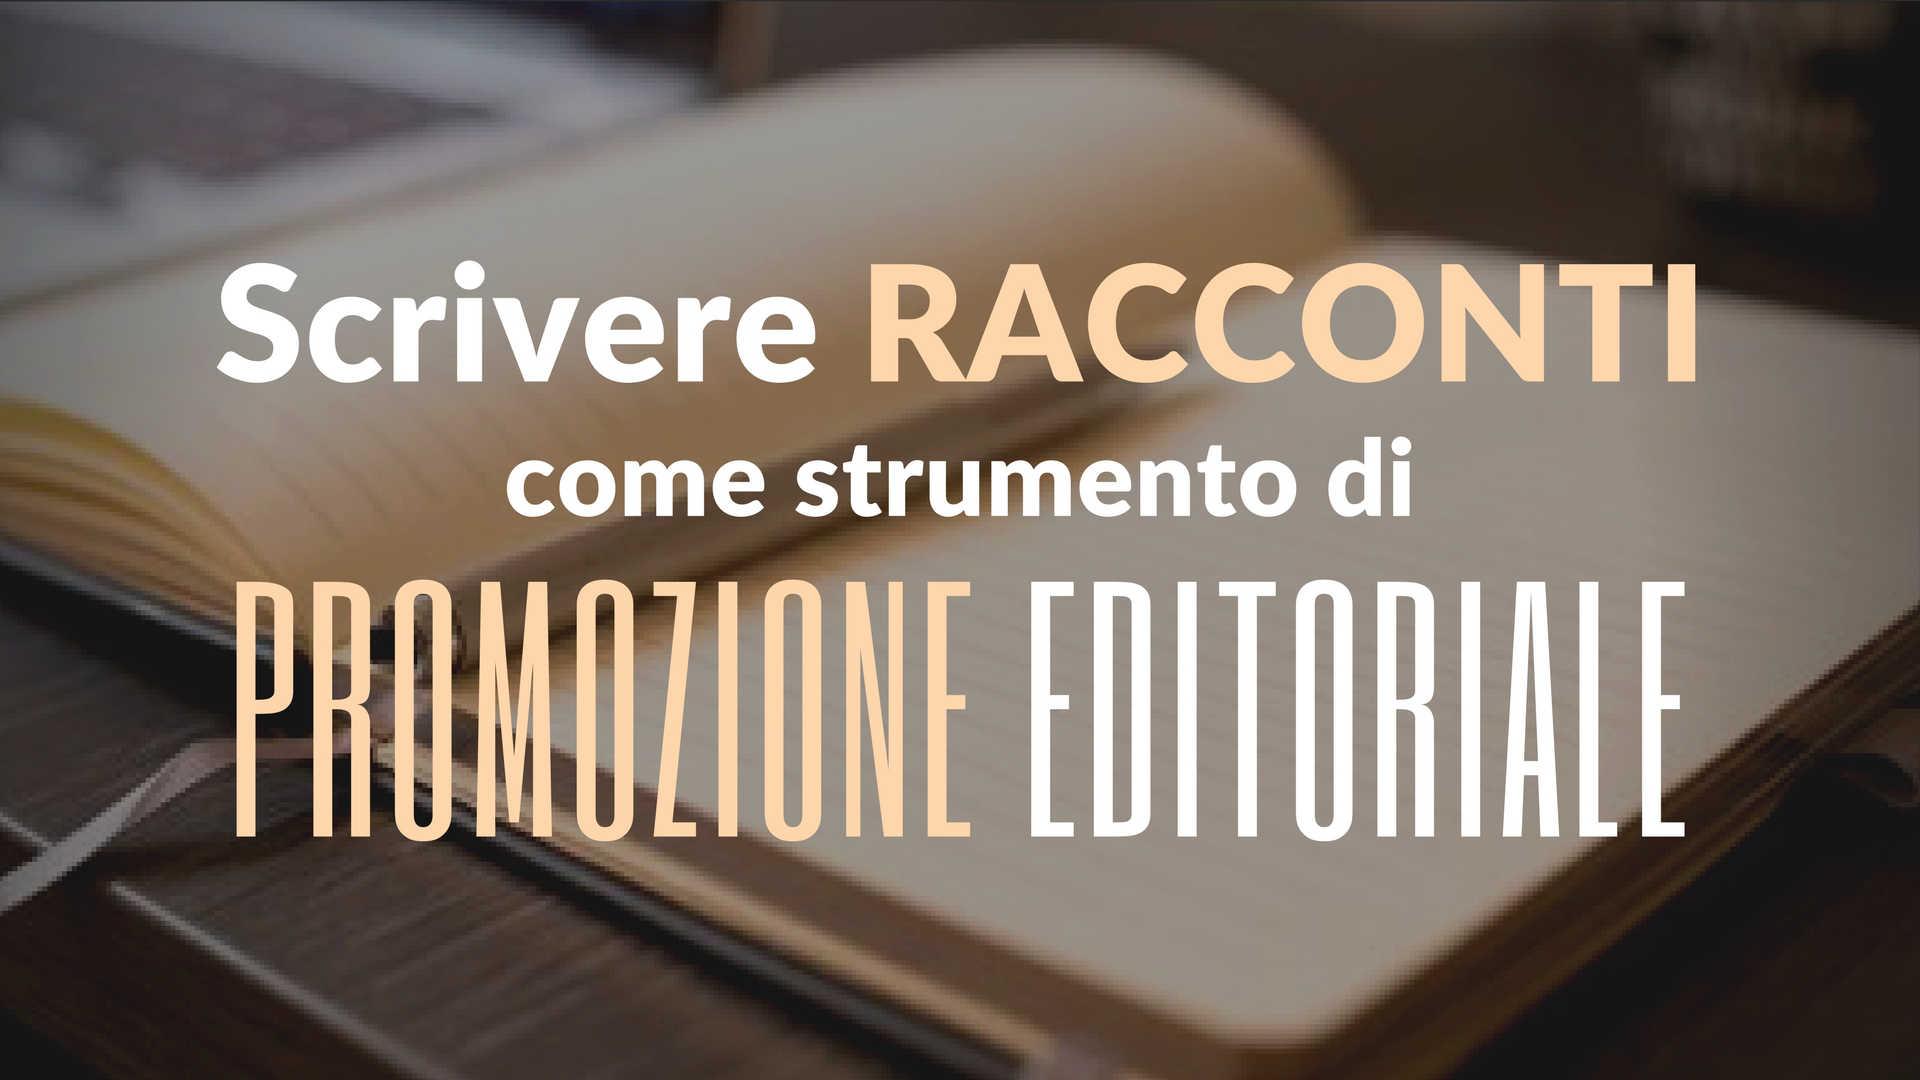 Scrivere racconti come promozione editoriale